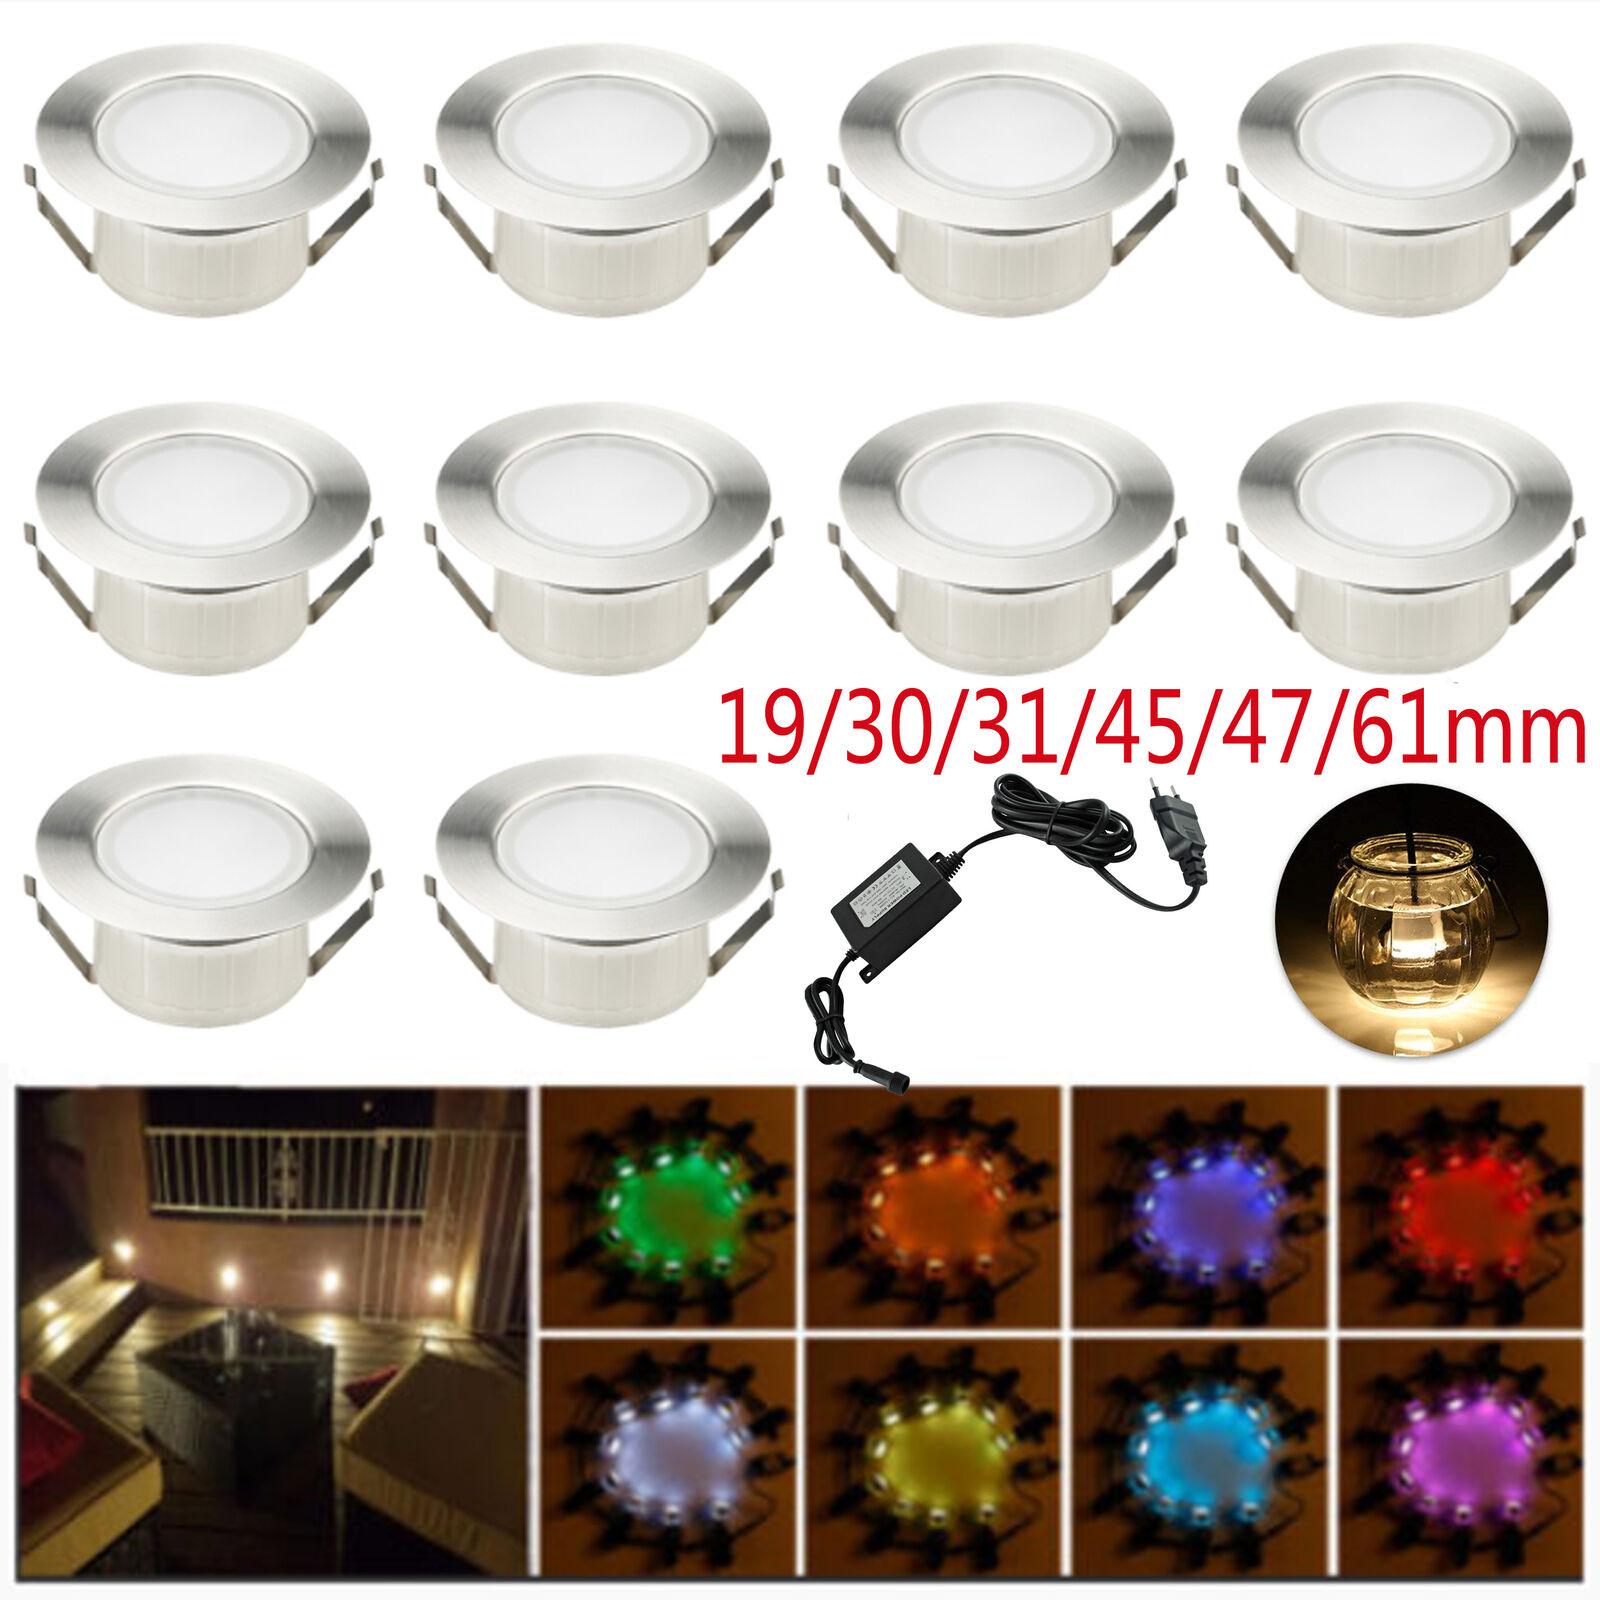 10 x 19mm-61mm Boden Einbaustrahler LED Leuchte Außenlampe Minispot wasserdicht